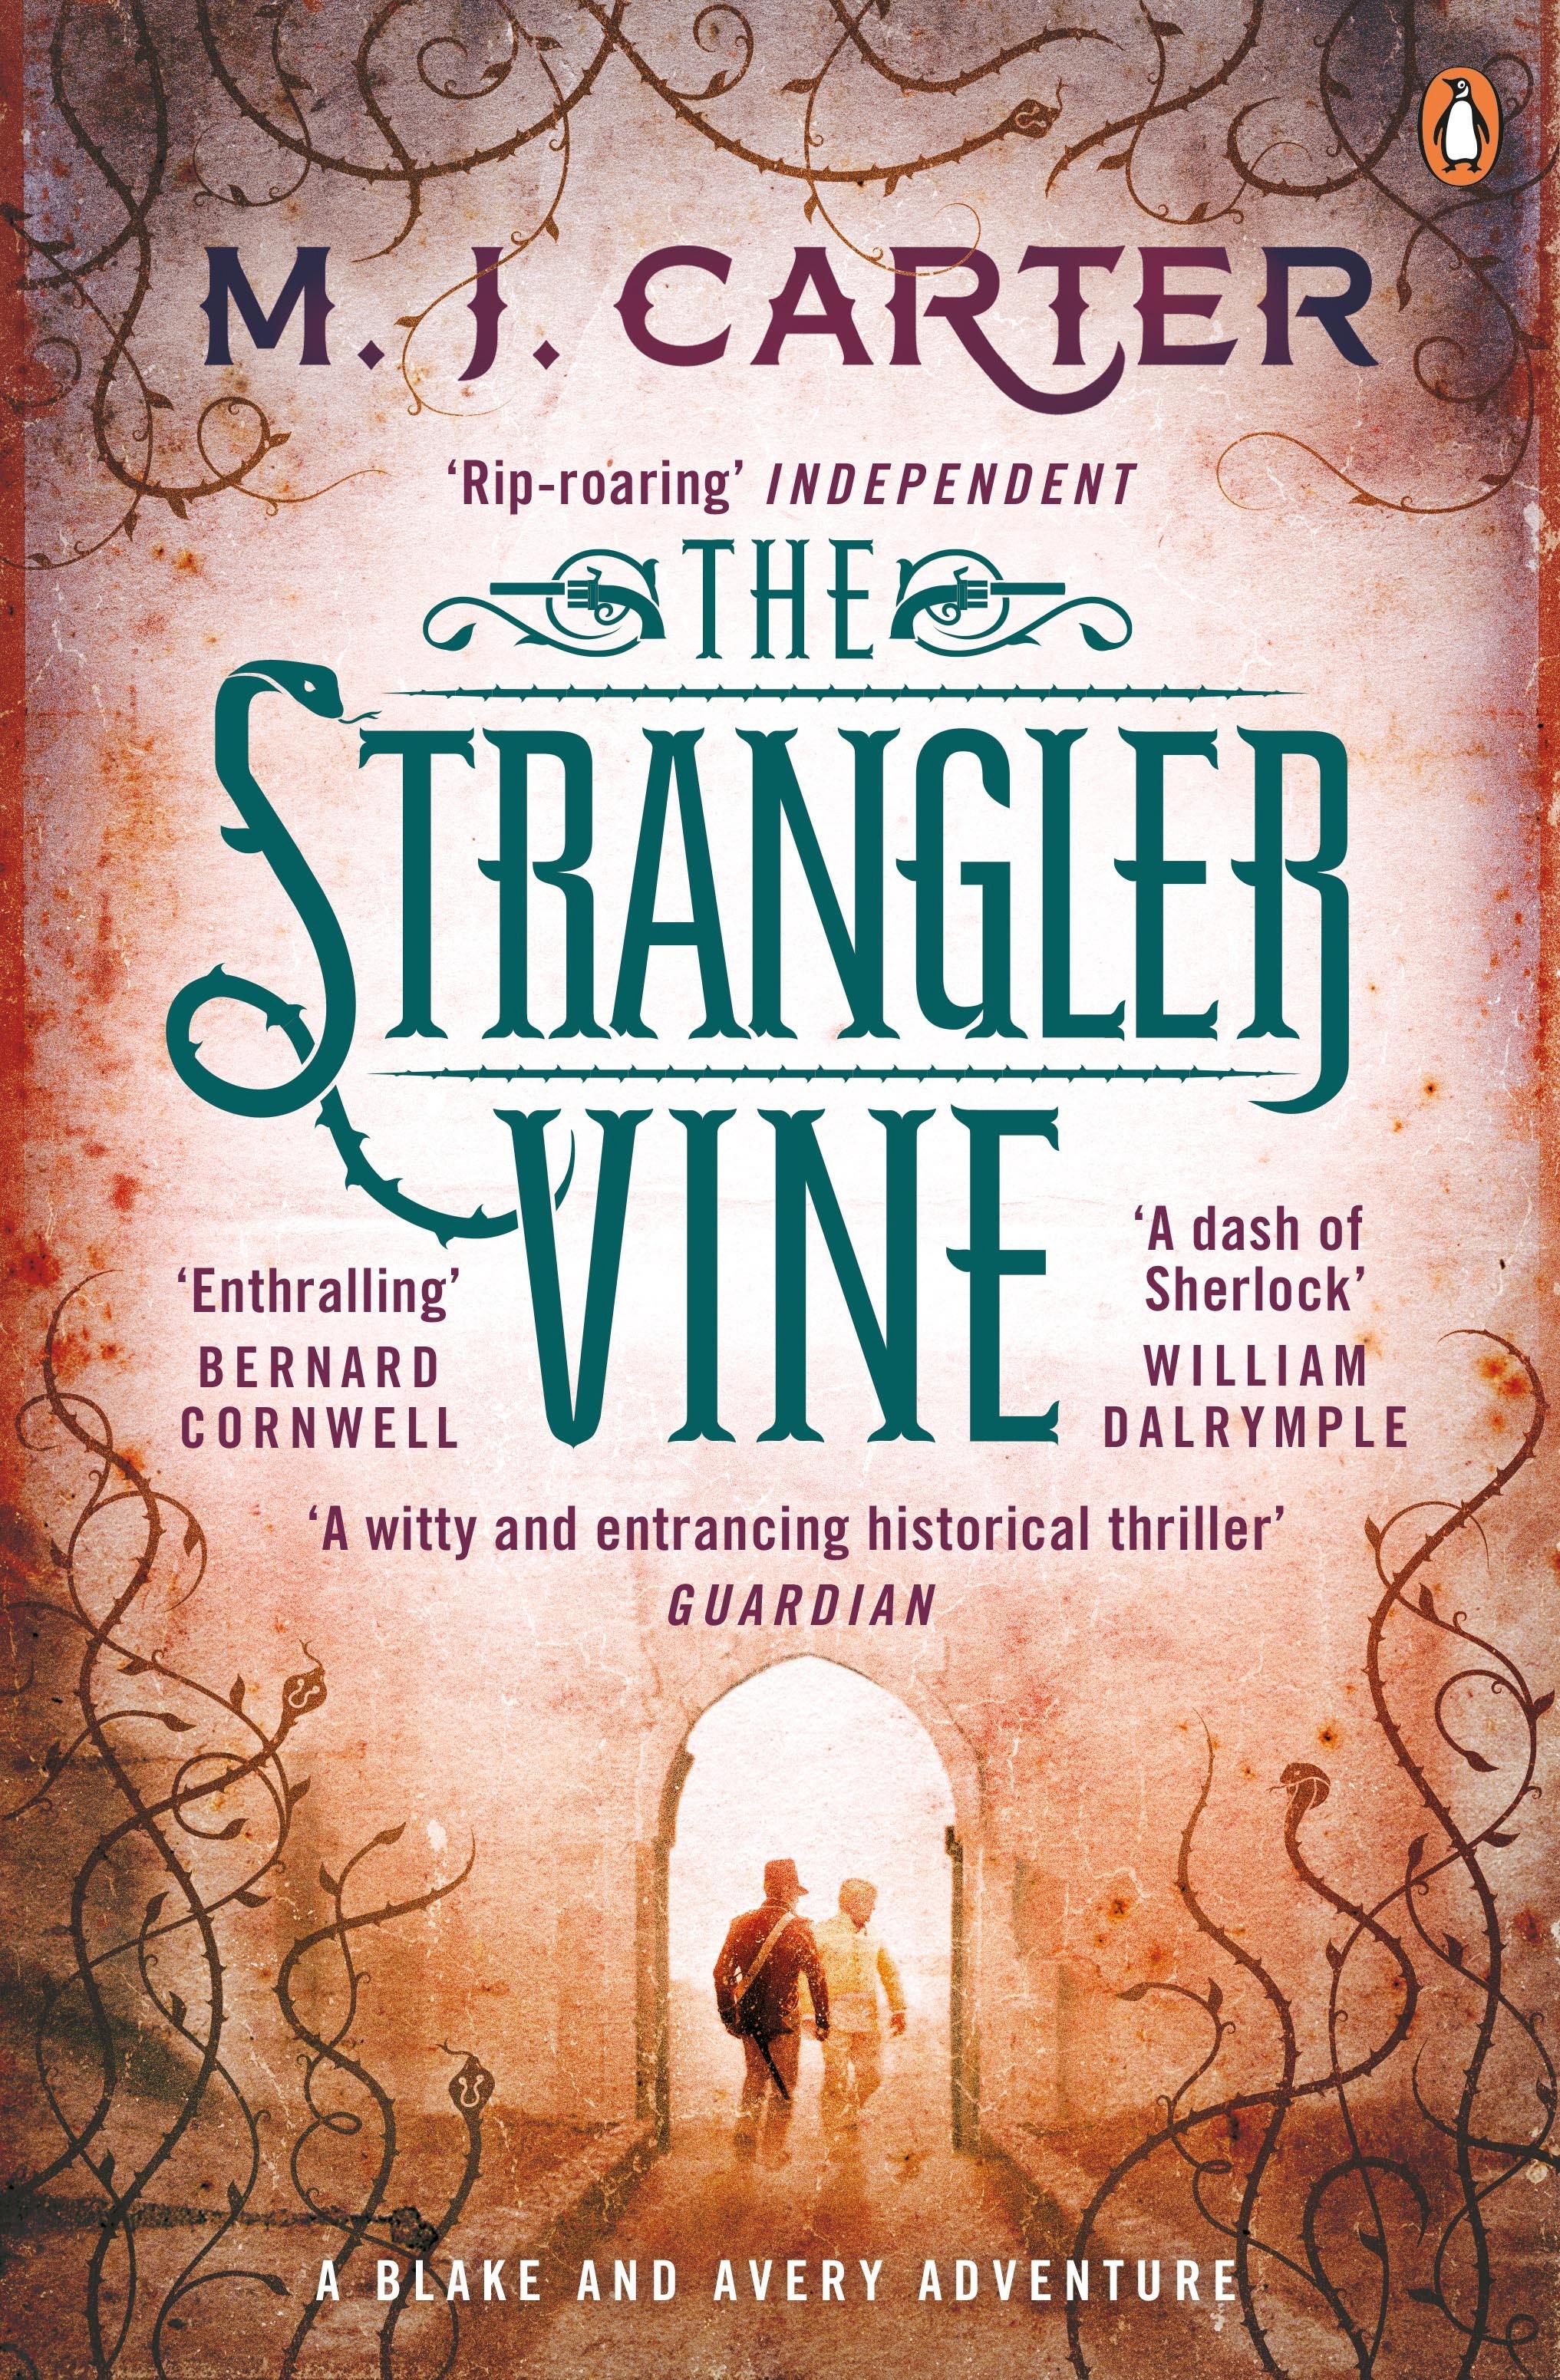 STRANGLER VINE, THE